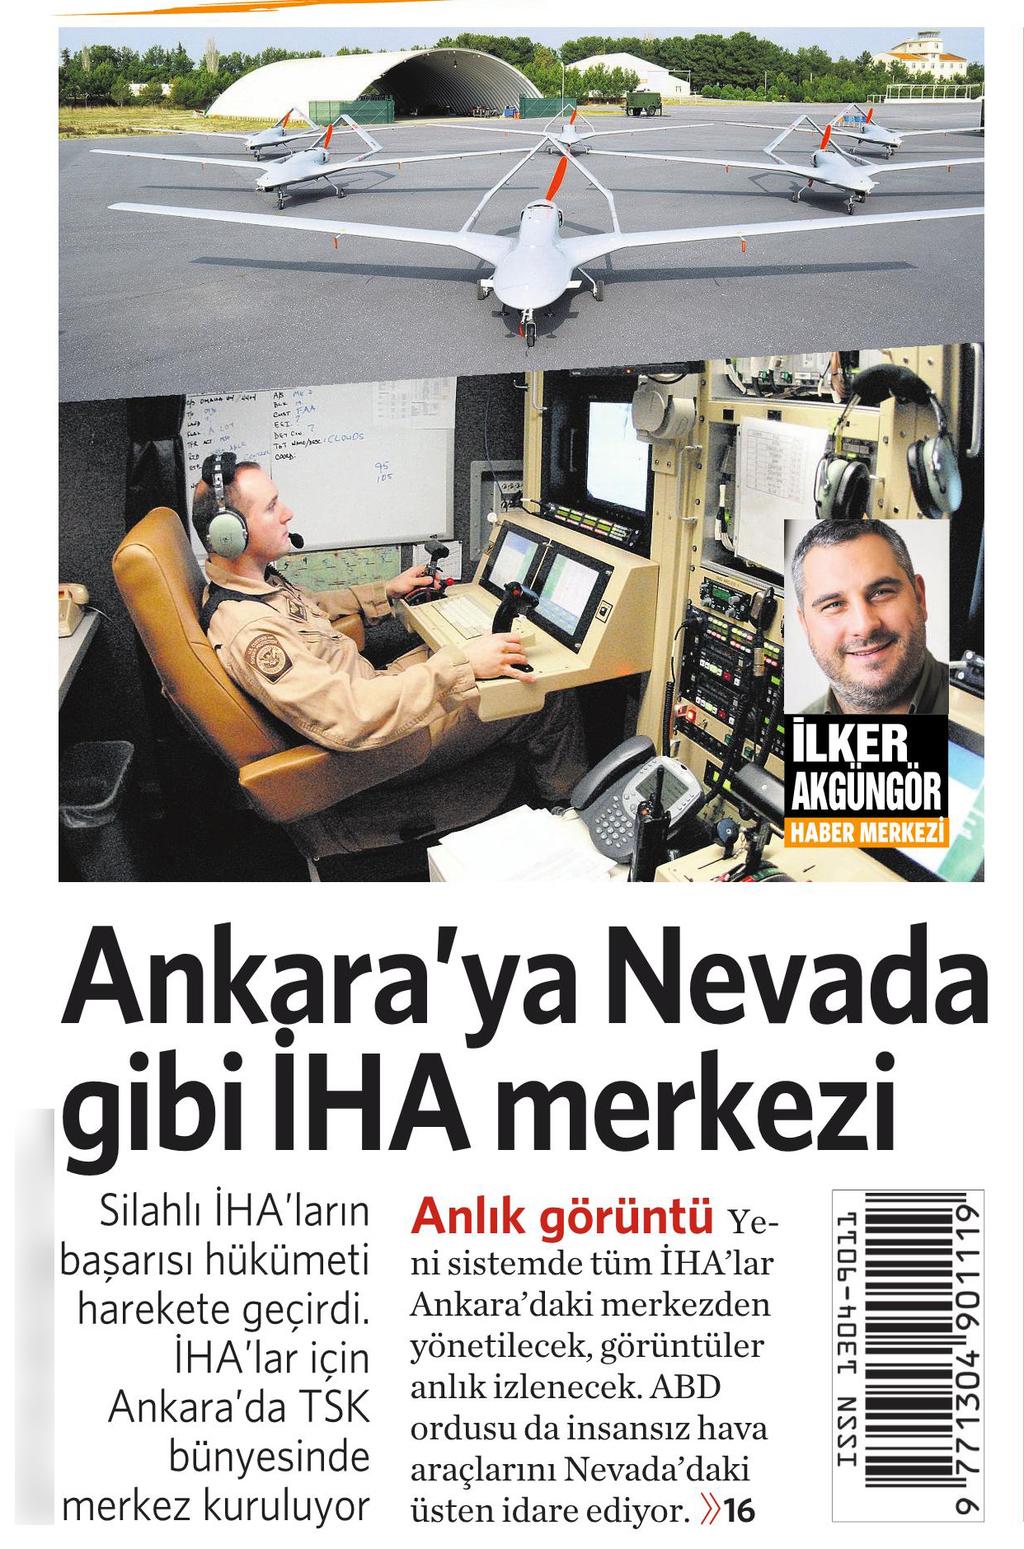 4 Kasım 2016 Vatan Gazetesi 1. sayfa